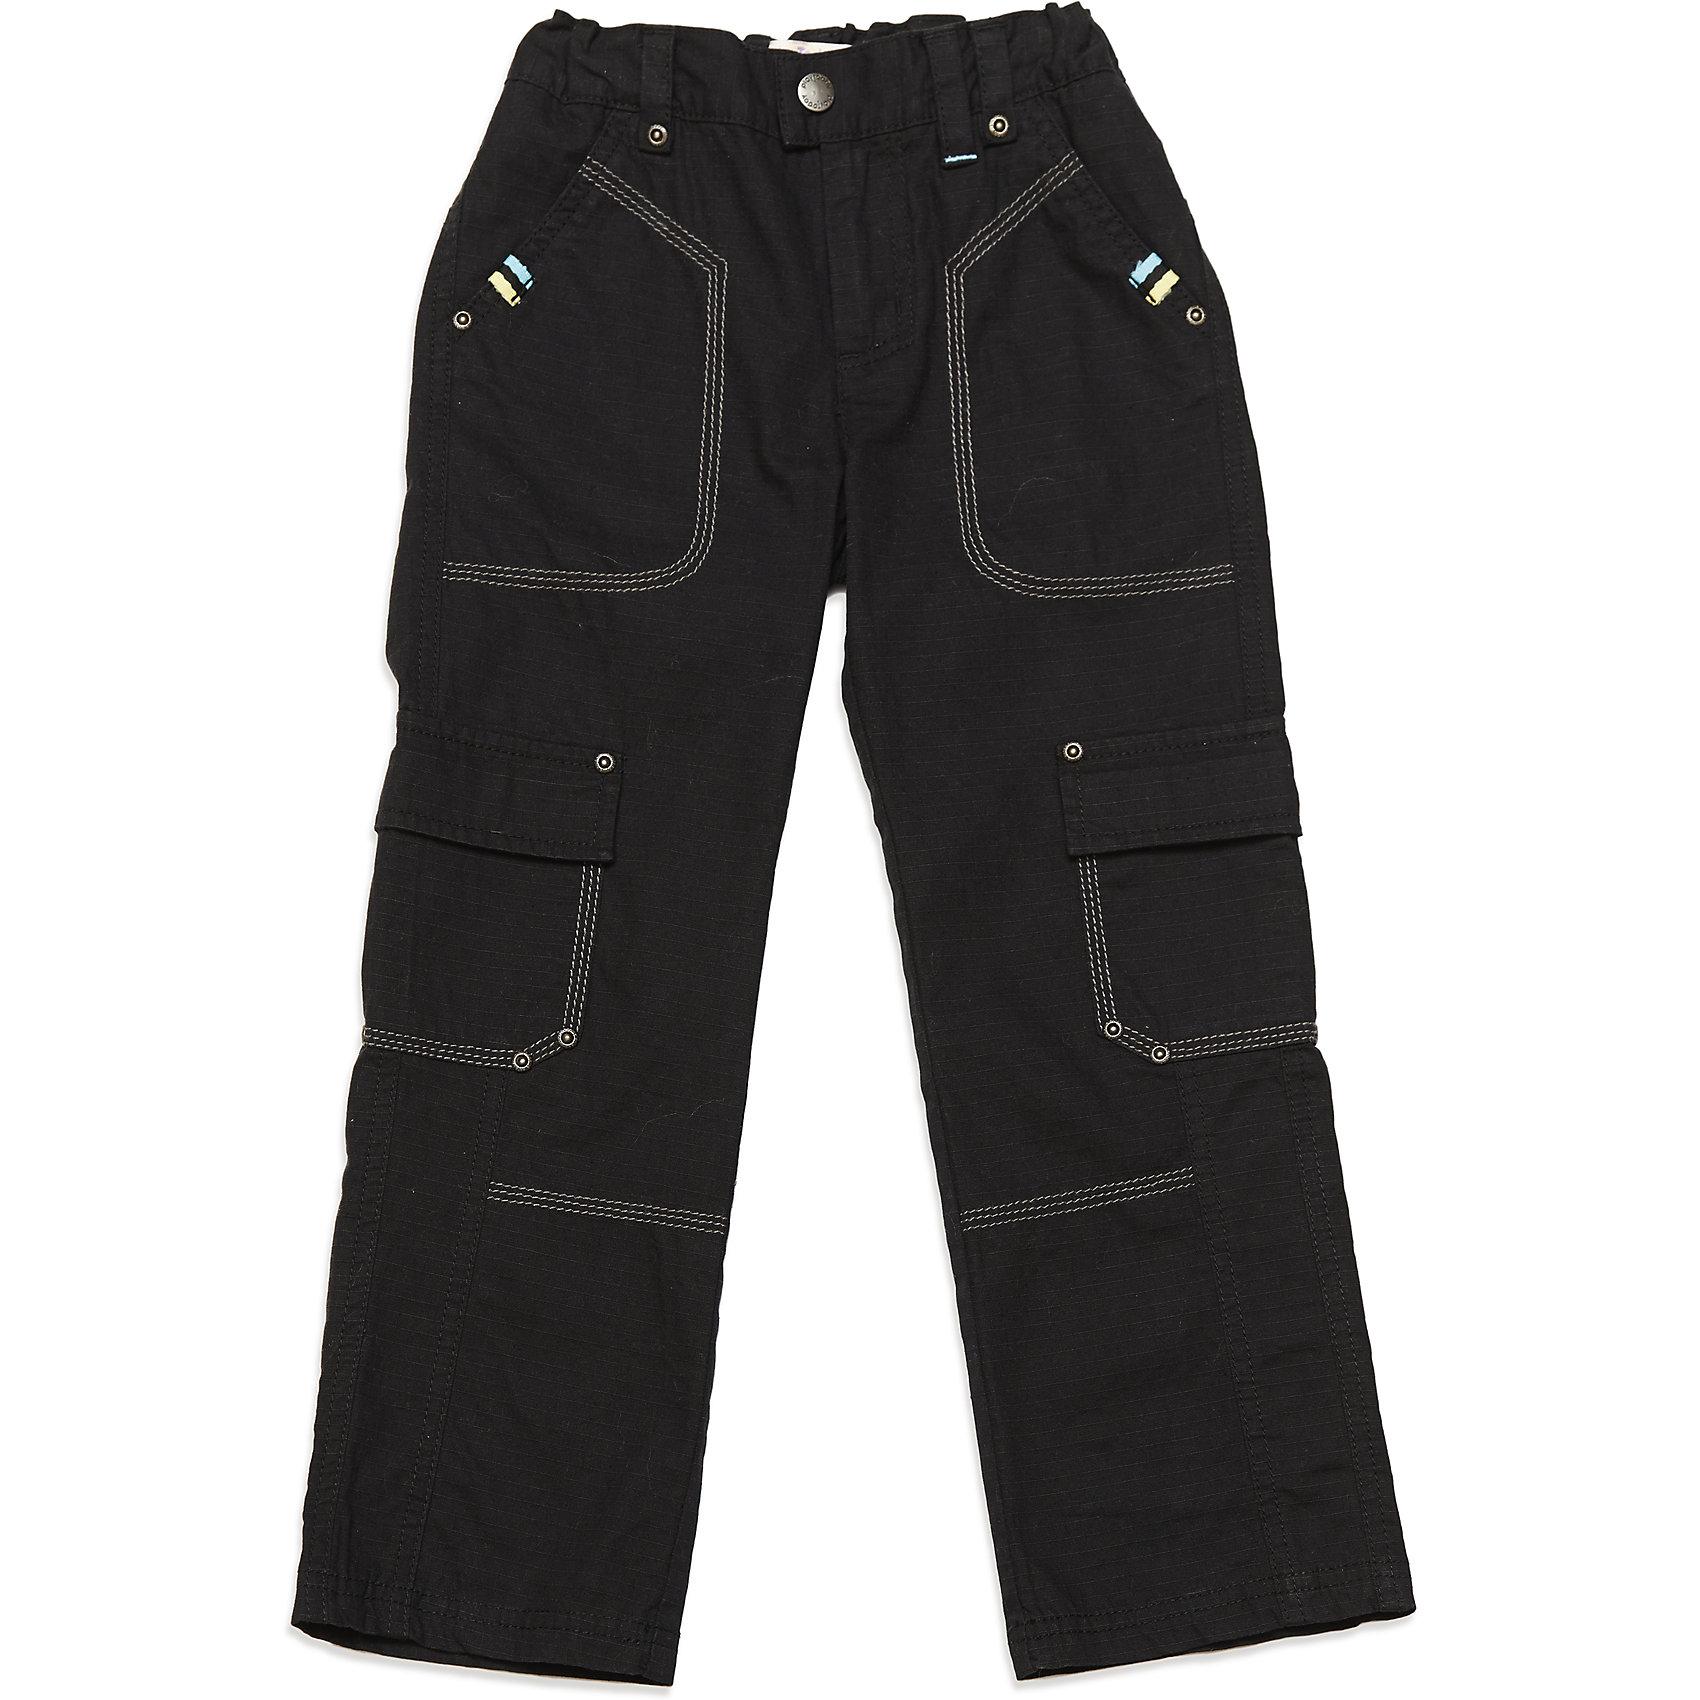 Брюки для мальчика PlayTodayБрюки<br>Брюки для мальчика от известного бренда PlayToday.<br>* брюки на трикотажной подкладке<br>* пояс регулируется внутренней резинкой<br>* застежка - молния, пуговица<br>* модель в стиле casual со множеством функциональных карманов: боковые прорезные функциональные карманы и накладные карманы с клапанами на липучке<br>* низ брюк на внутренней резинке<br>Состав:<br>Верх: 100% хлопок, подкладка:100% полиэстер<br><br>Ширина мм: 215<br>Глубина мм: 88<br>Высота мм: 191<br>Вес г: 336<br>Цвет: синий<br>Возраст от месяцев: 72<br>Возраст до месяцев: 84<br>Пол: Мужской<br>Возраст: Детский<br>Размер: 122,104,128,110,116,98<br>SKU: 4900179